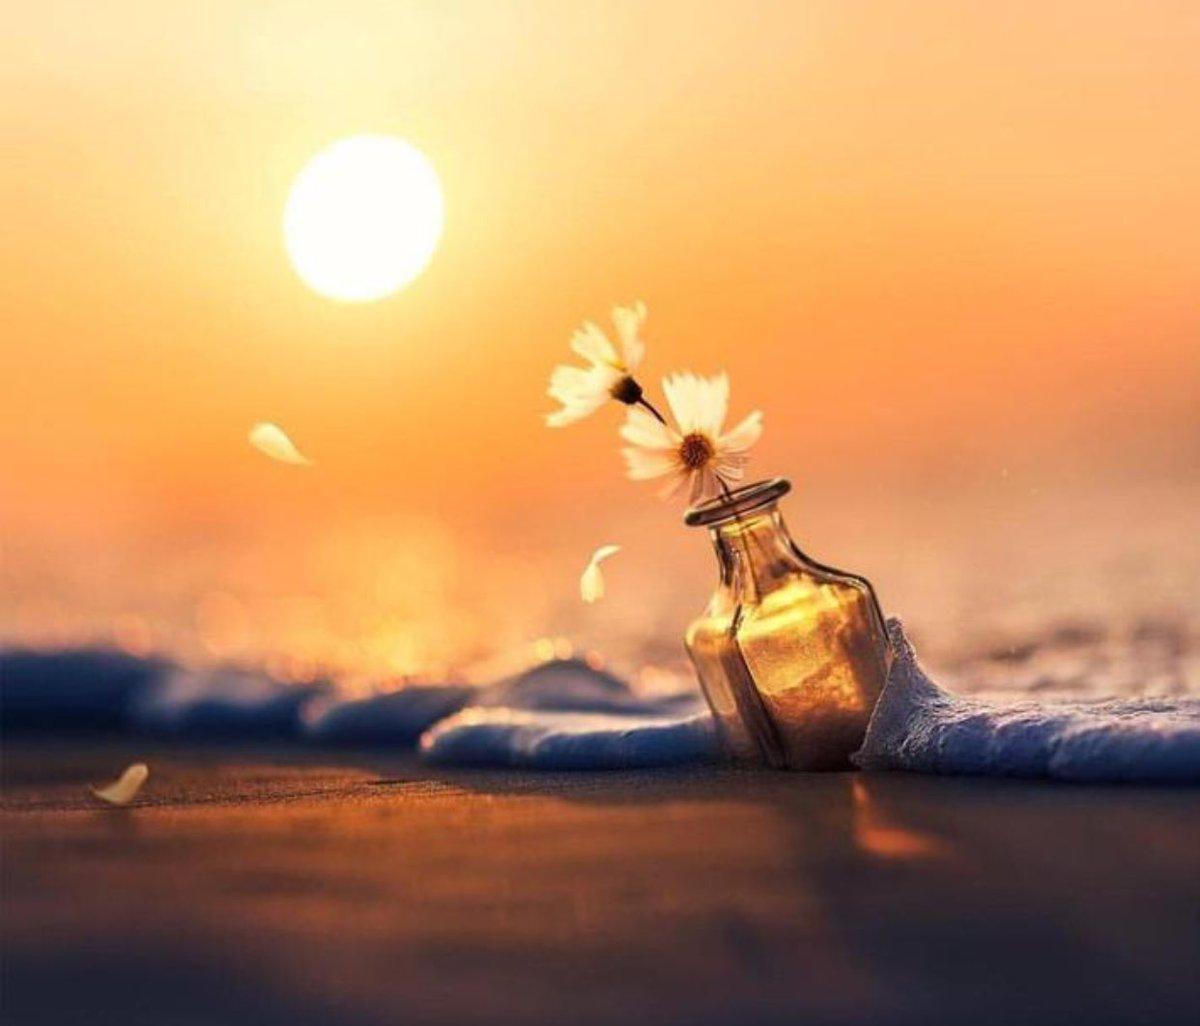 الأمل ليس حلما بل طريقا ... ليجعل الحلم حقيقة ....🦋📸🎞📽💌🌸